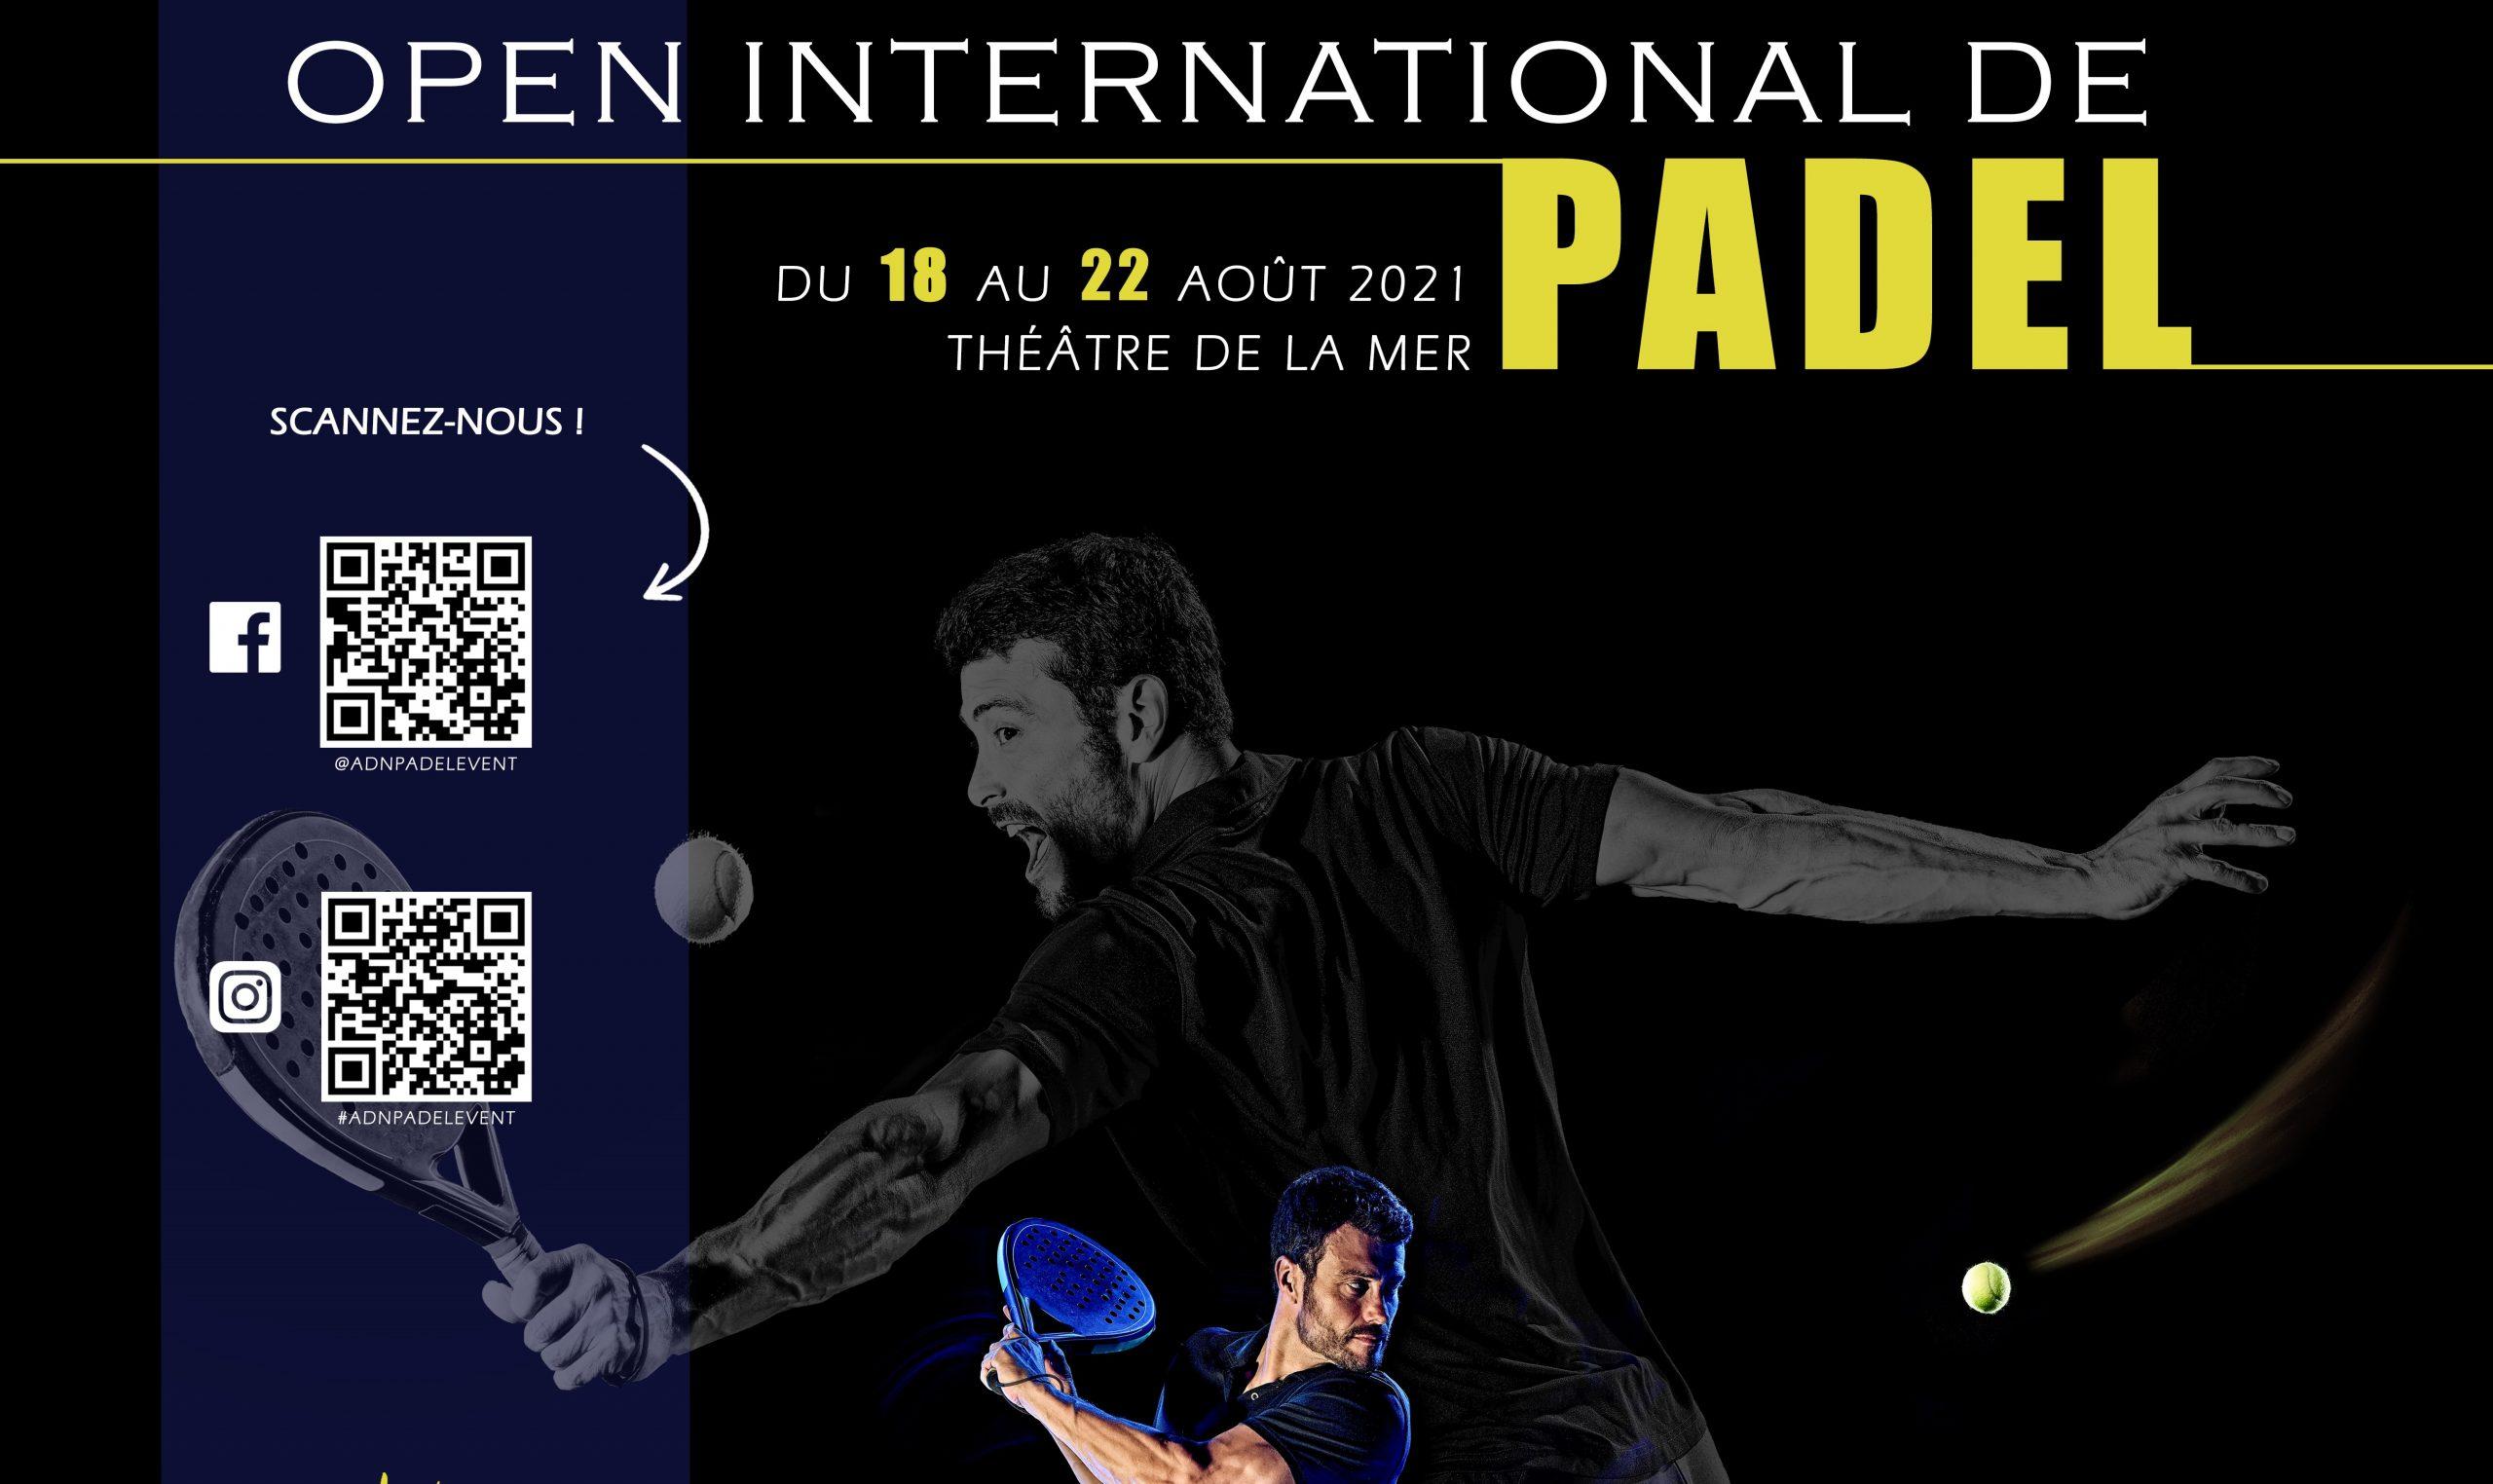 Aberto internacional de Canet-en-Roussillon: GO!